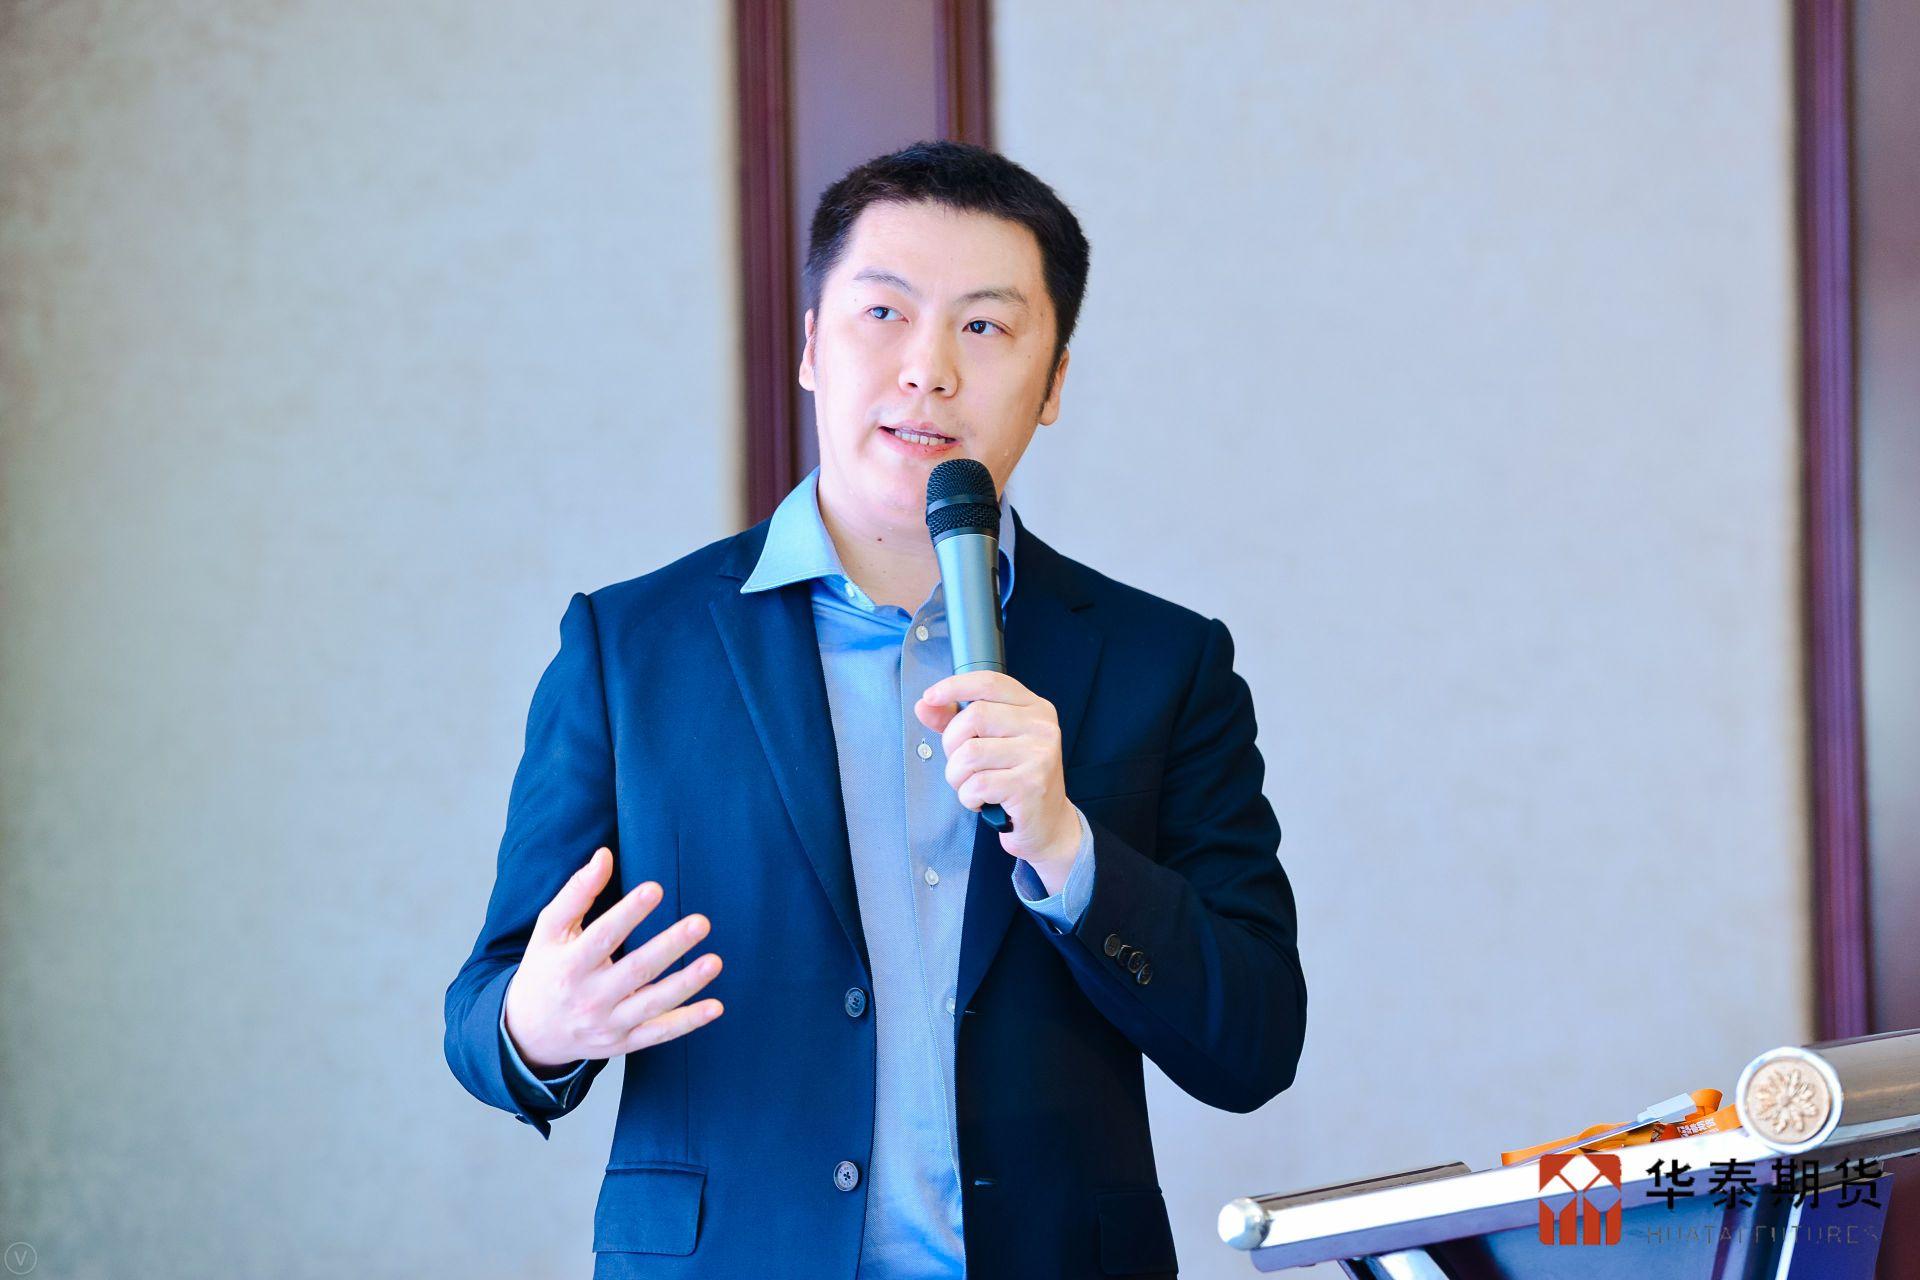 王强:风险管理行业需要实货与金融多个角度的创新